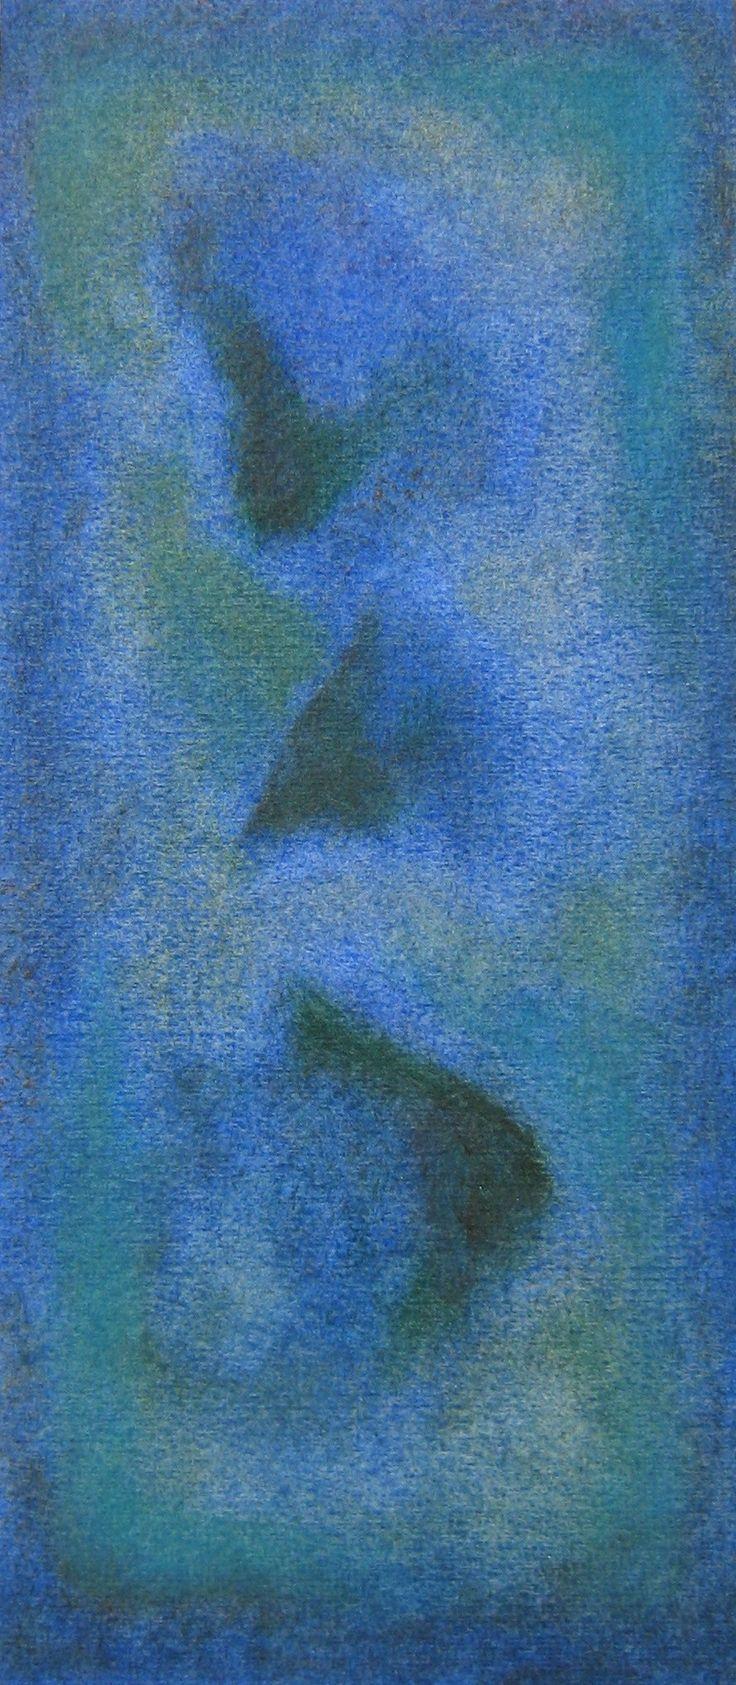 Stefano d'Andrea - pastelli a olio su carta - cm. 11,5 x 26